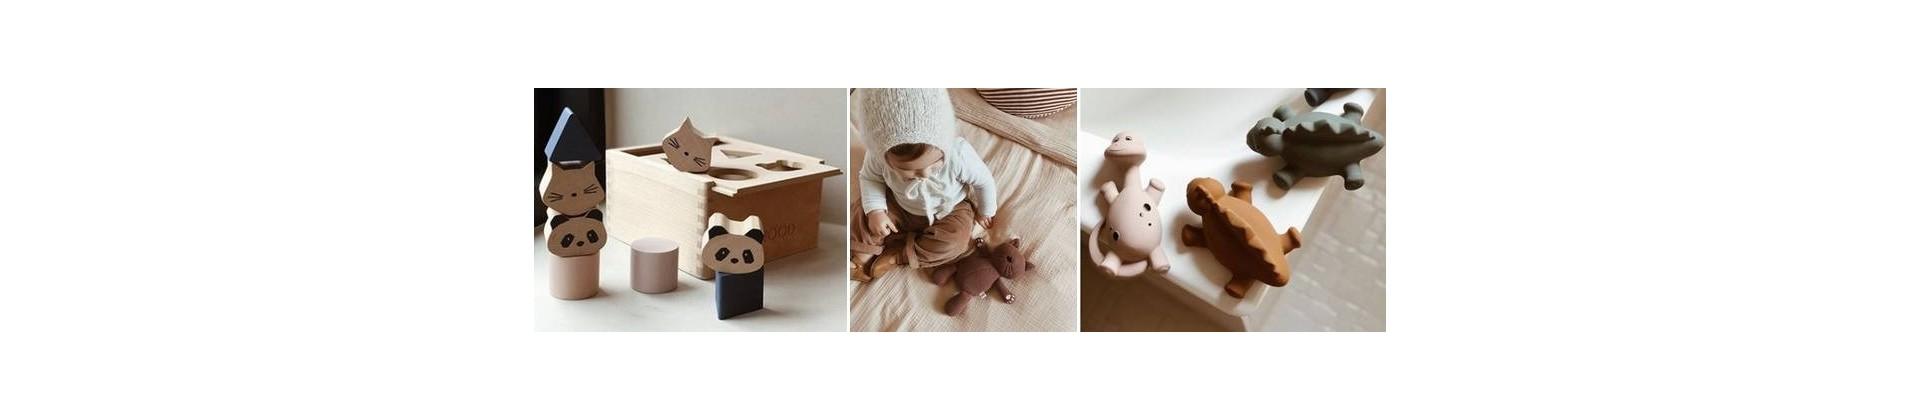 Jouet bébé original